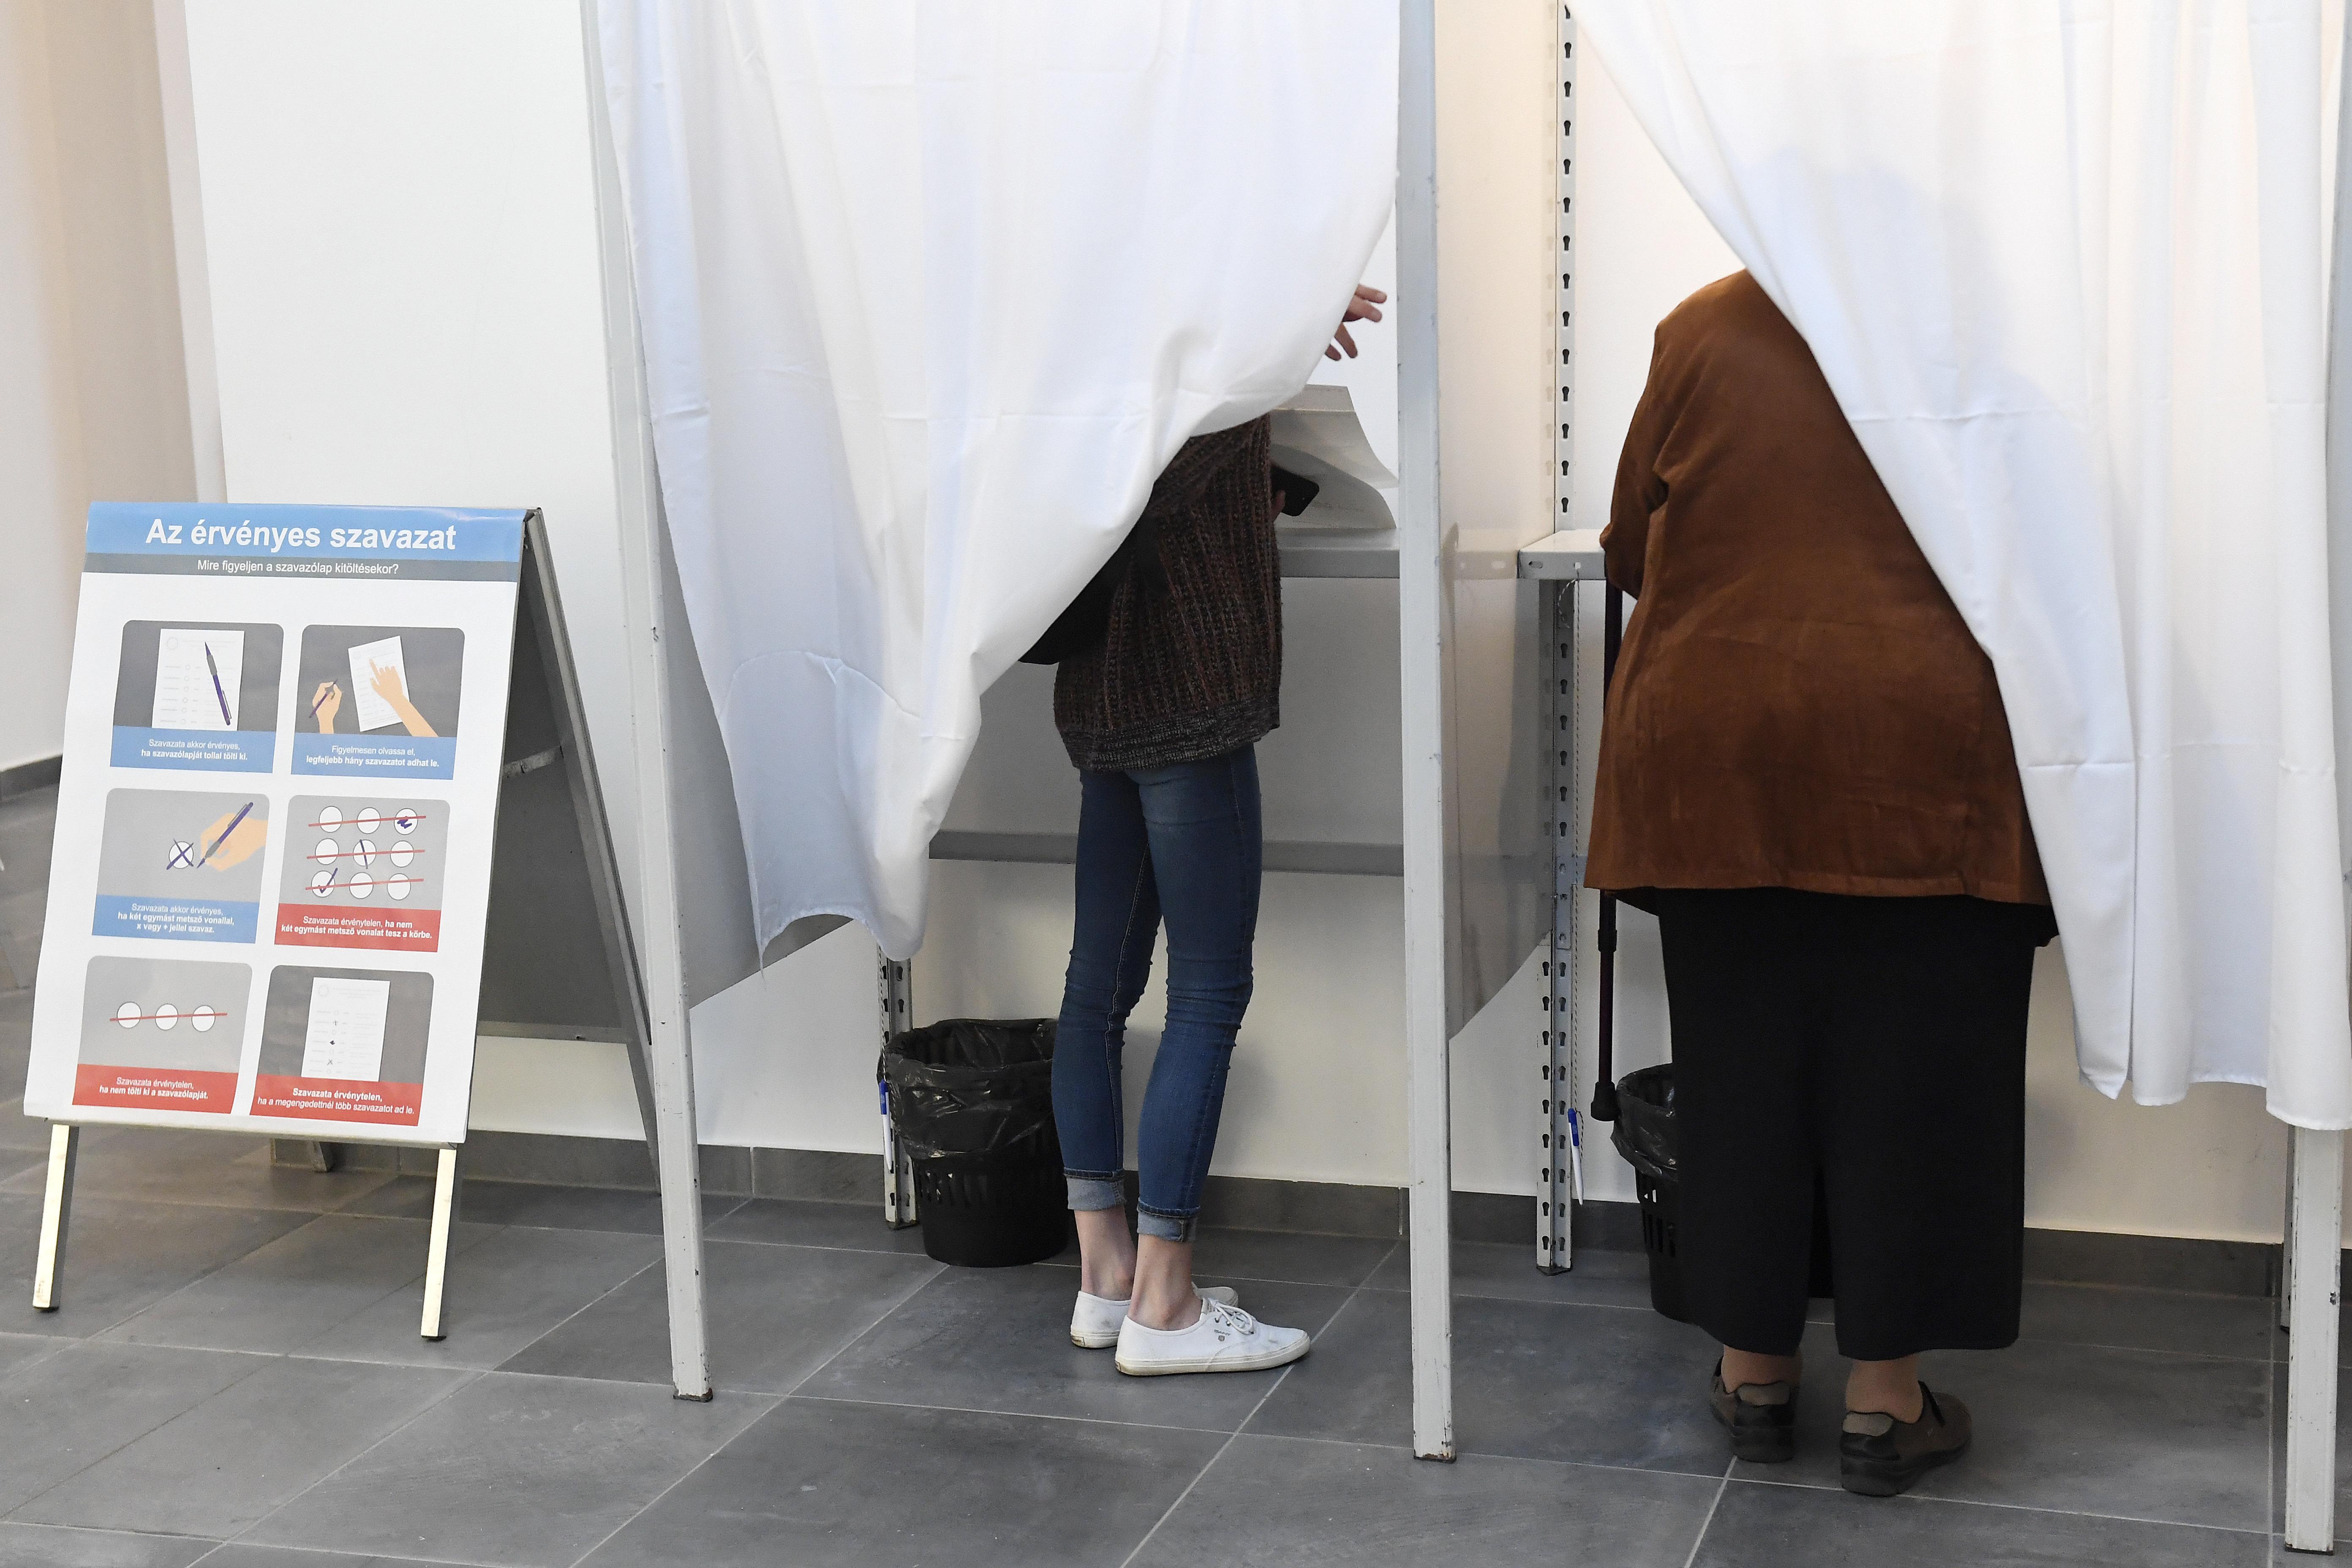 Egy szavazófülkéből el kellett vinni egy terítőt, mert rá volt írva valami tollal